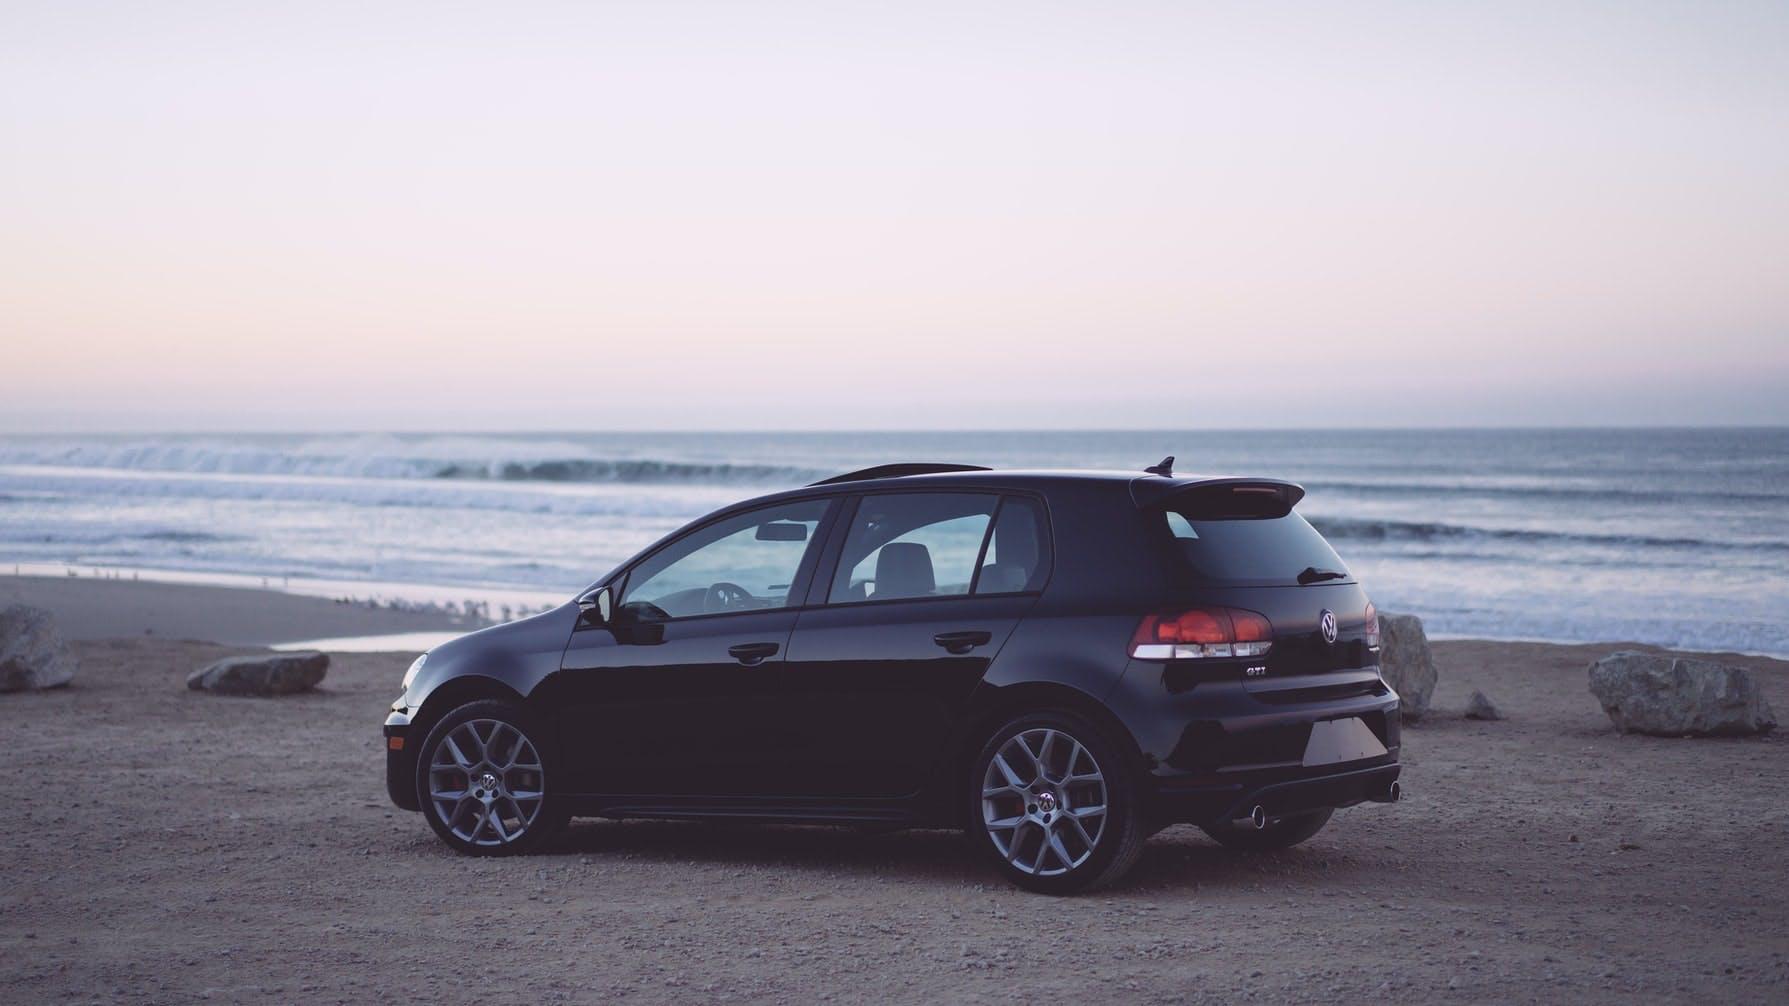 elektrische auto leasen of kopen, elektrische bedrijfswagen, auto leasen zelfstandige, Volkswagen Golf